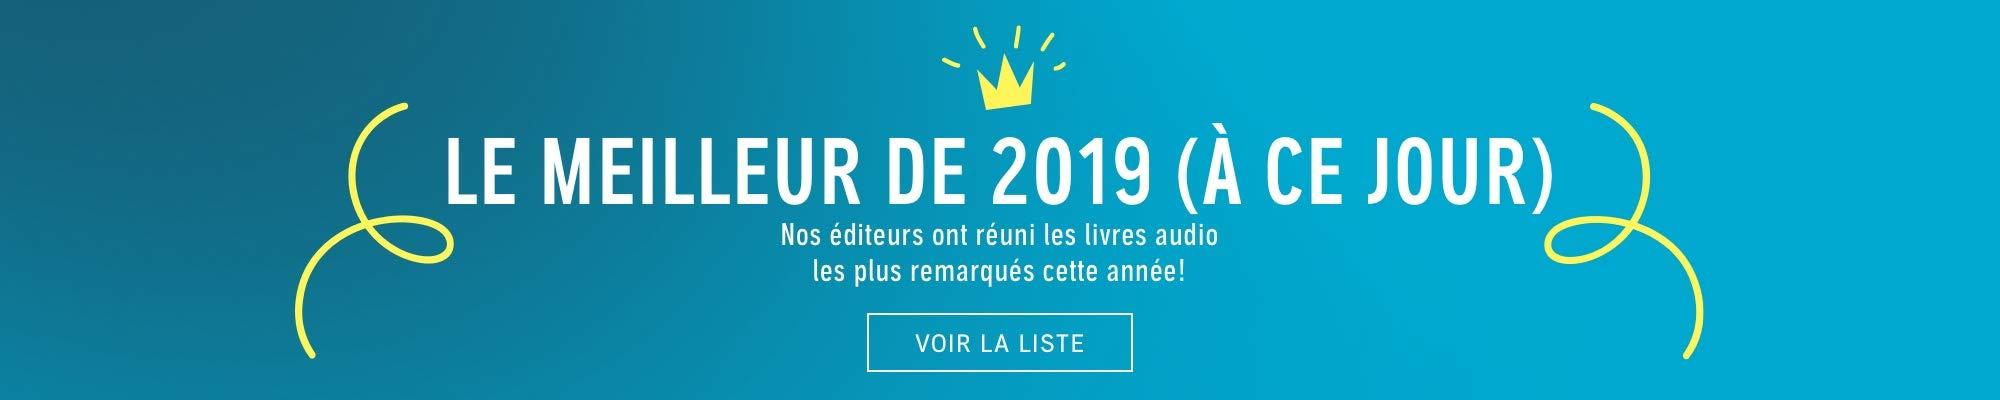 Le meilleur de 2019 (à ce jour)